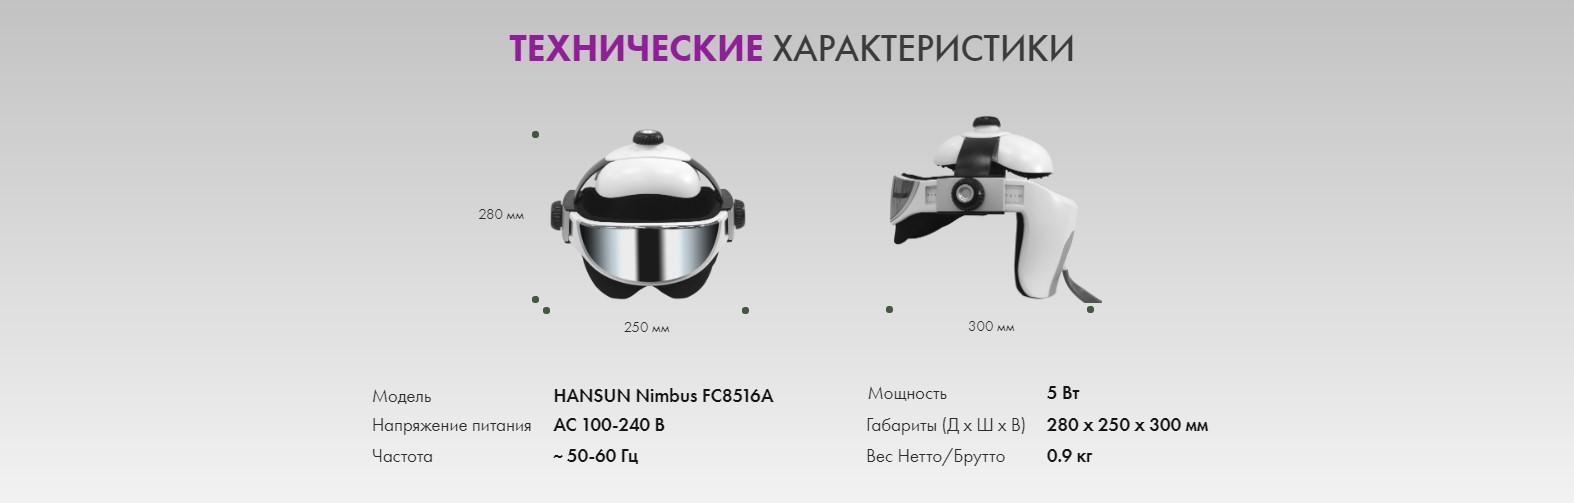 Массажер головы и глаз HANSUN Nimbus FC8516A 5